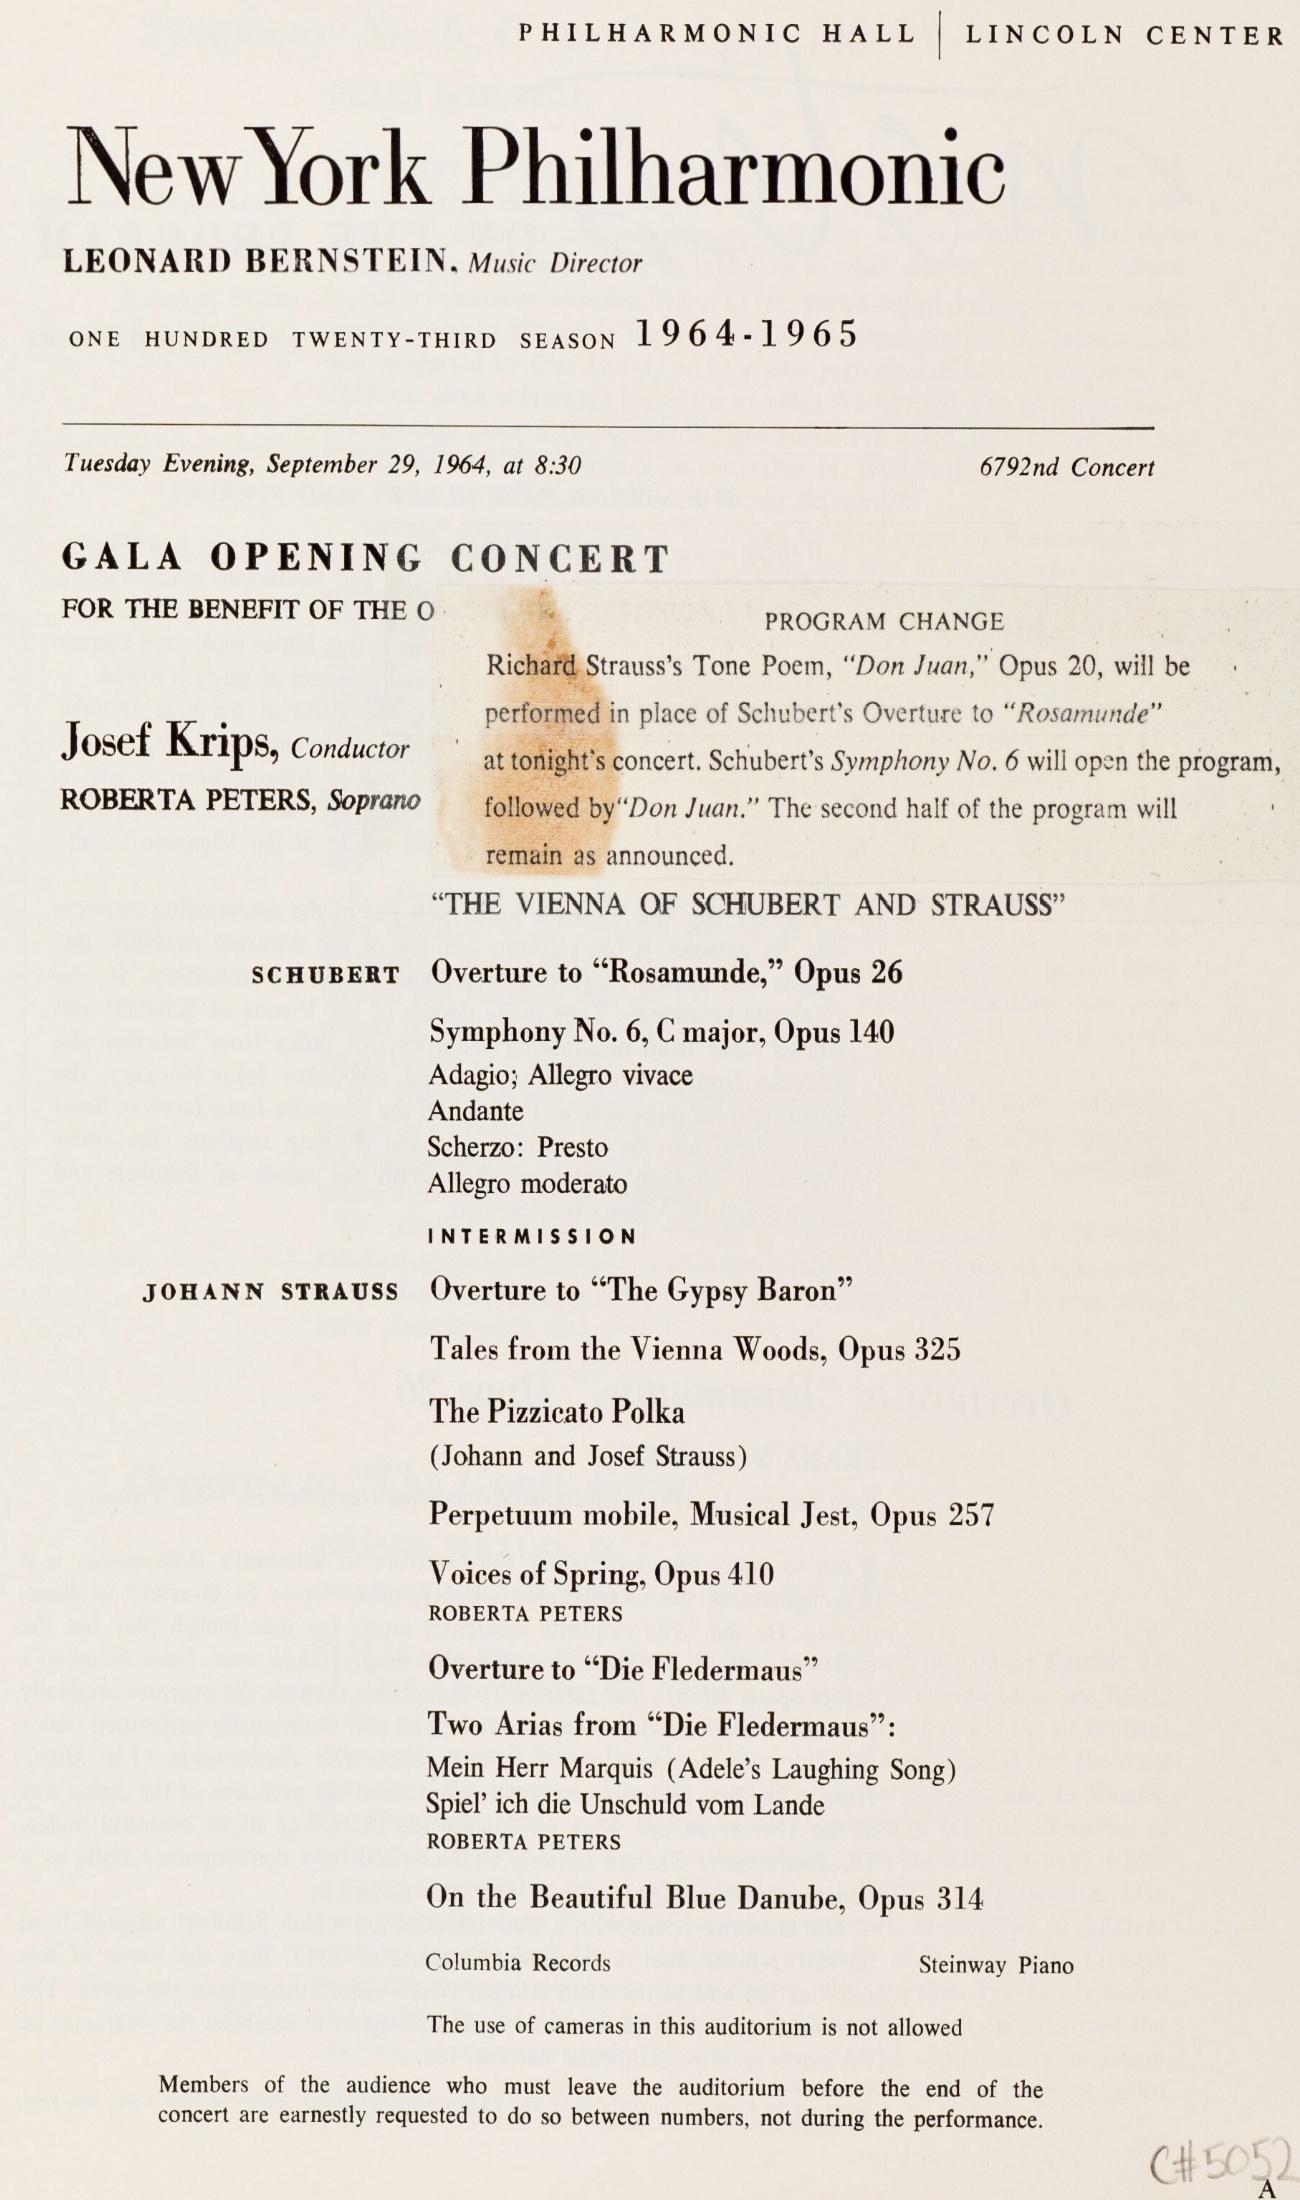 Extrait de la brochure-programme du concert, Cliquer sur la photo pour une vue agrandie et quelques infos